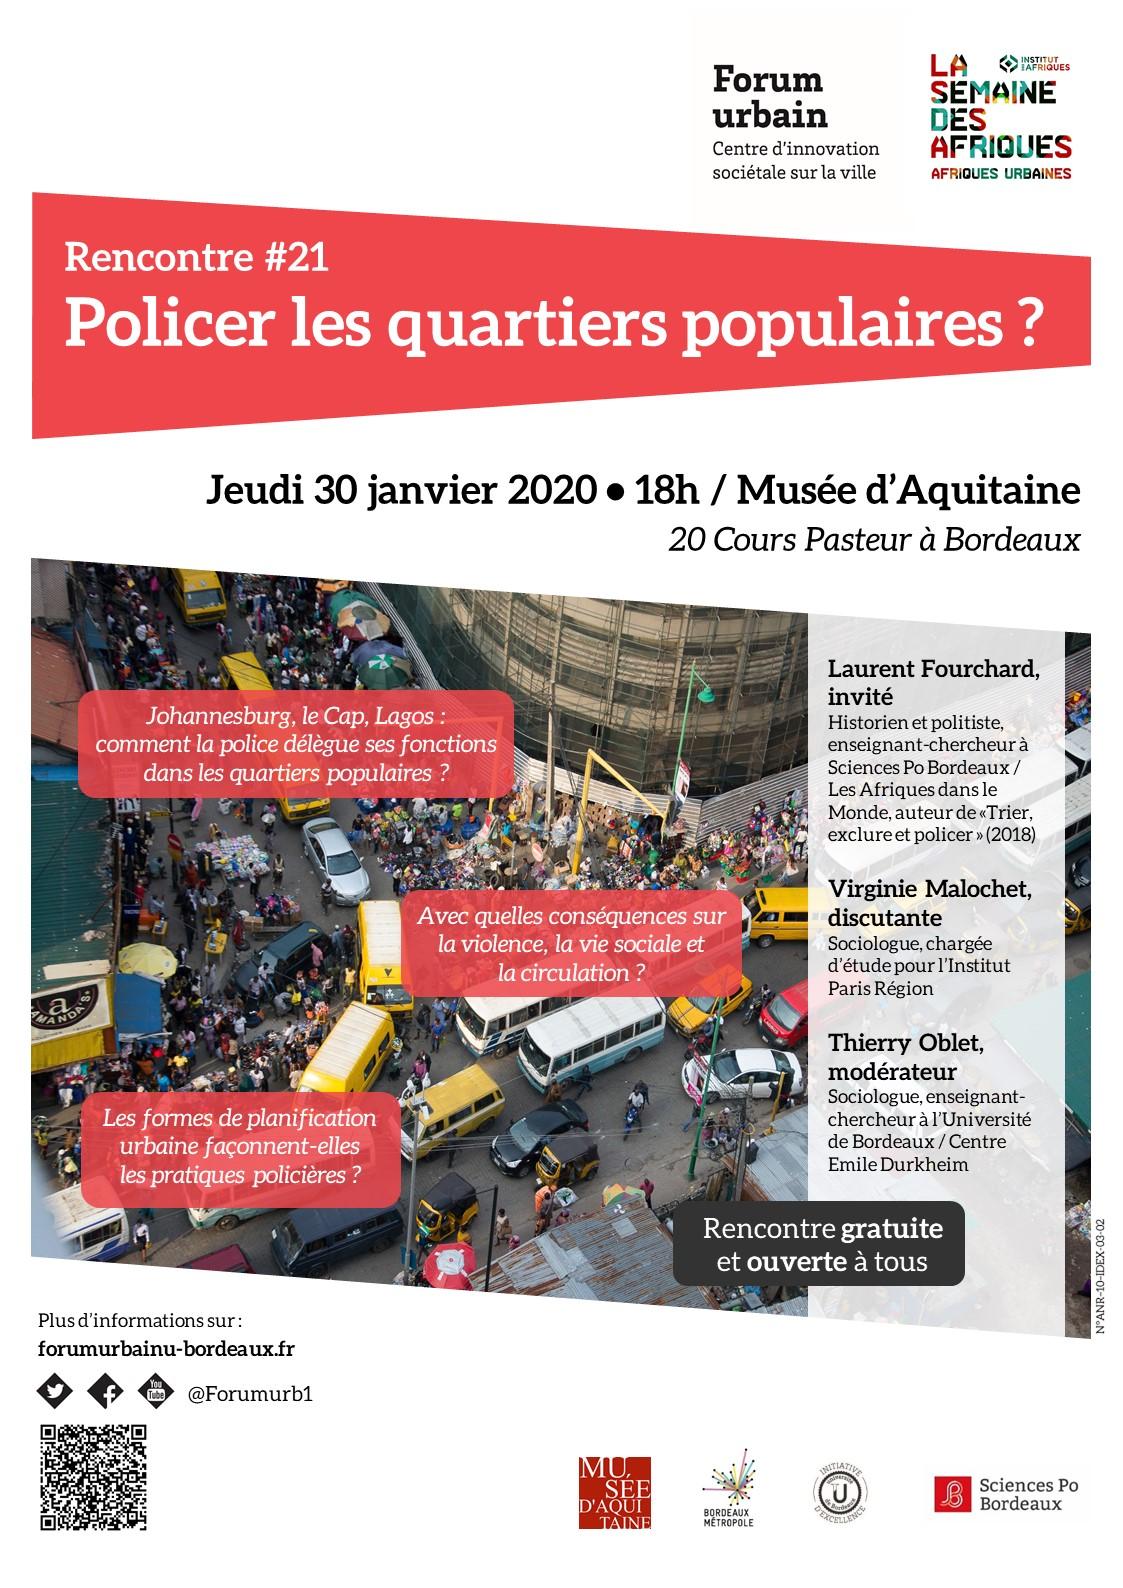 RENCONTRE #21 DU FORUM URBAIN : Policer les quartiers populaires | 30/01/2020